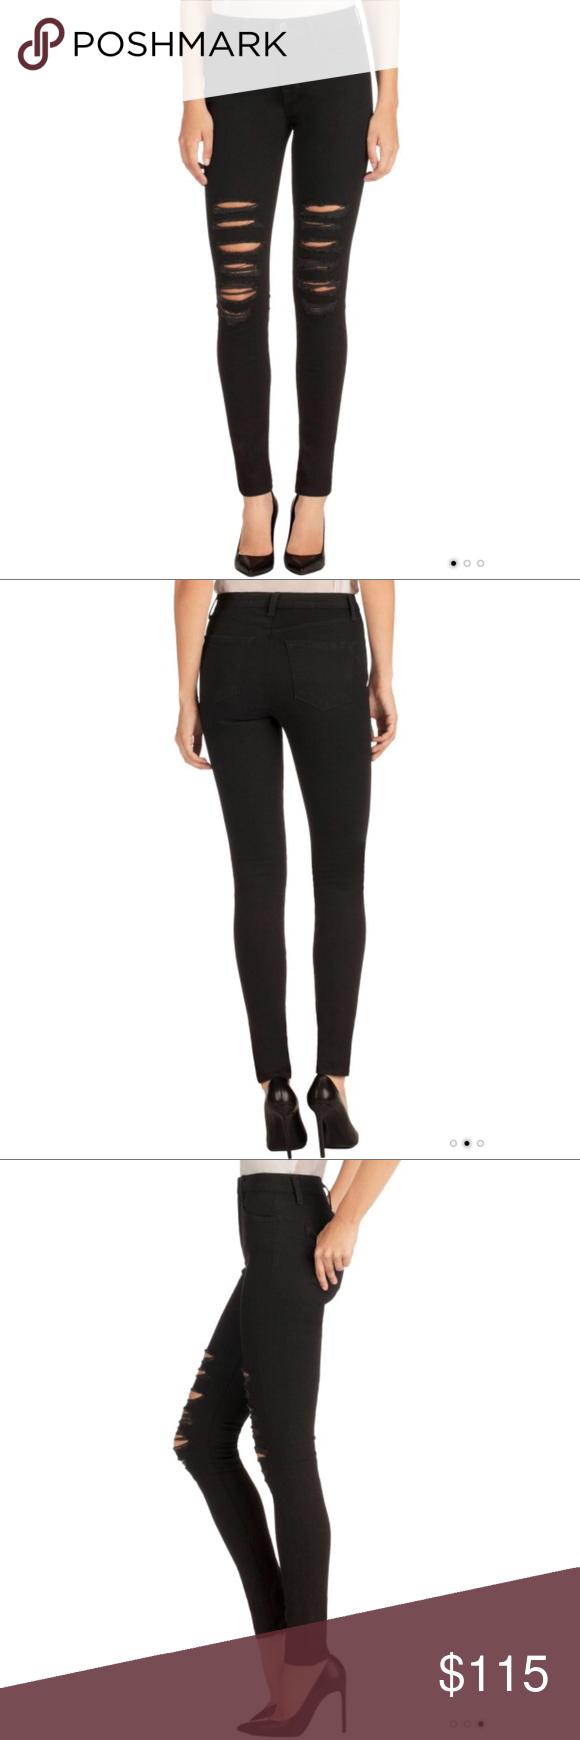 80d188e57f95 J Brand Maria Black High-Rise Super Skinny Jeans